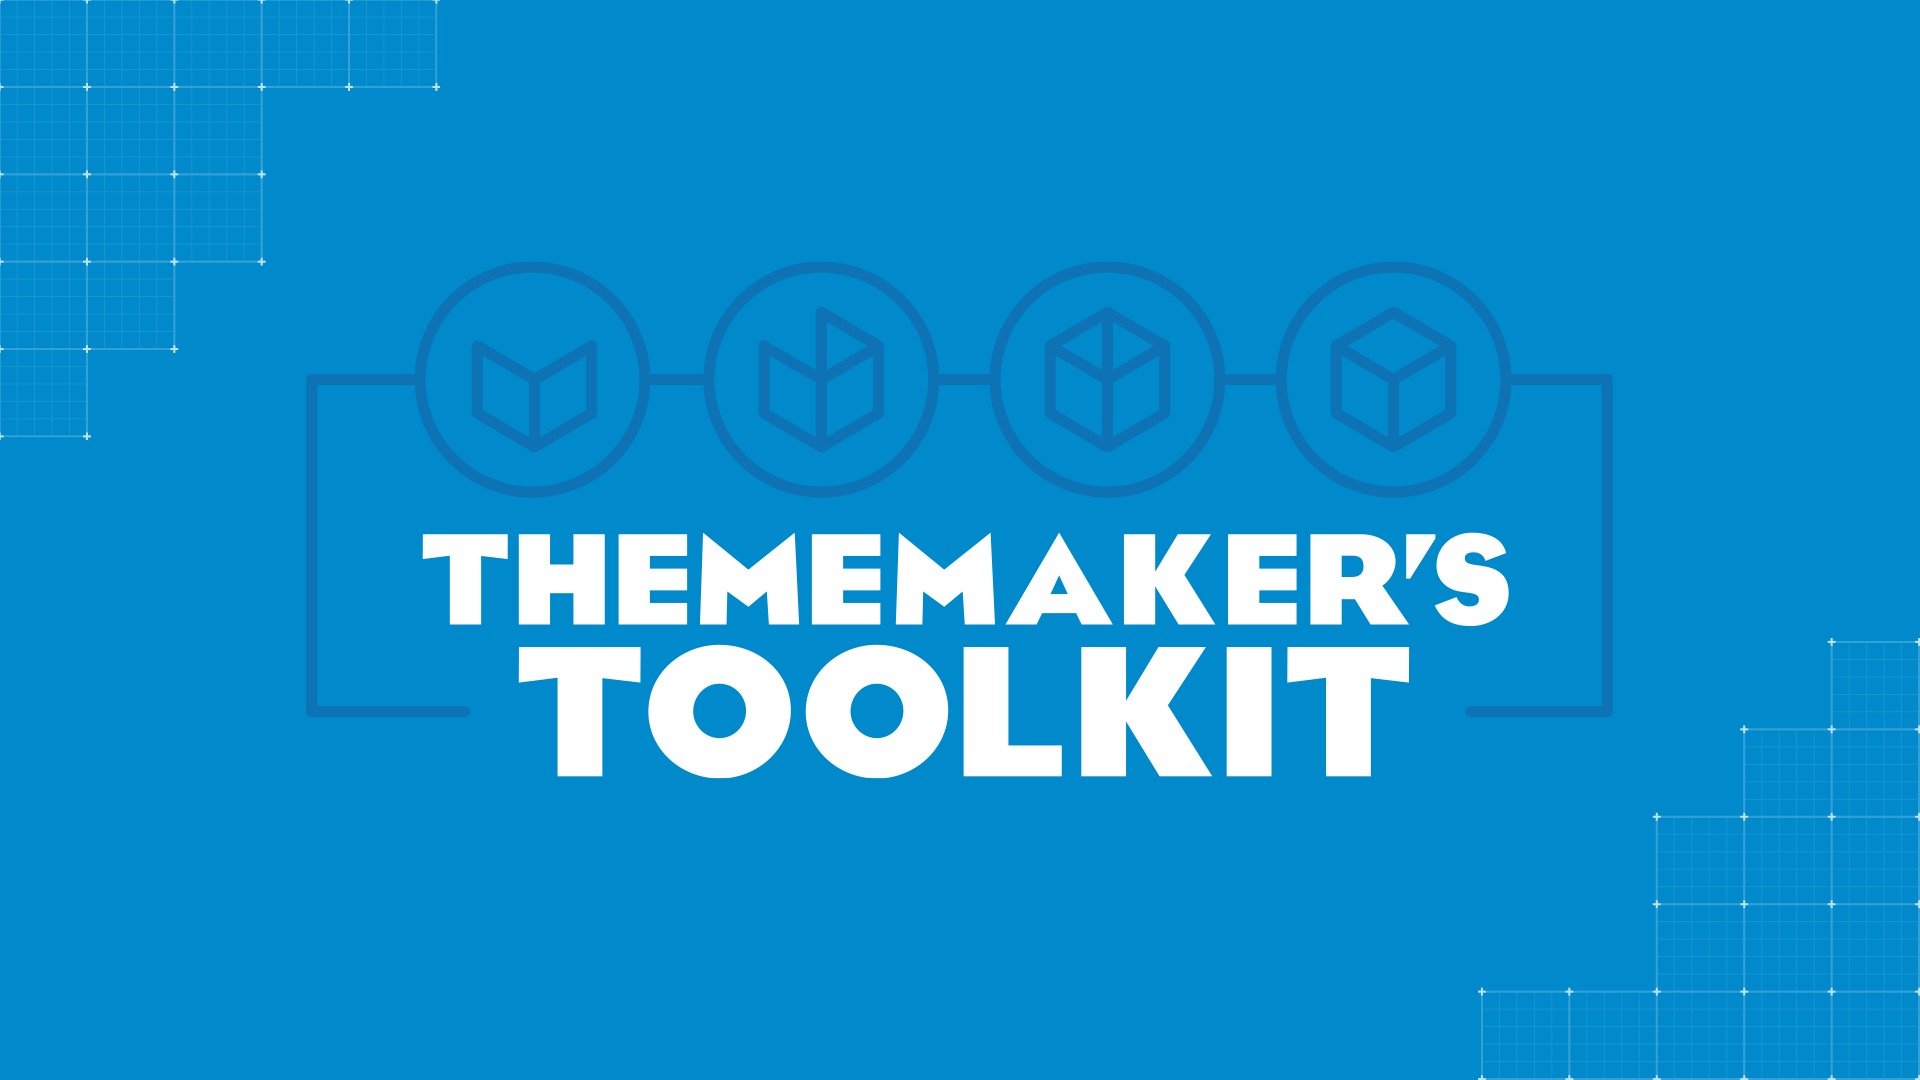 Thememaker's Toolkit